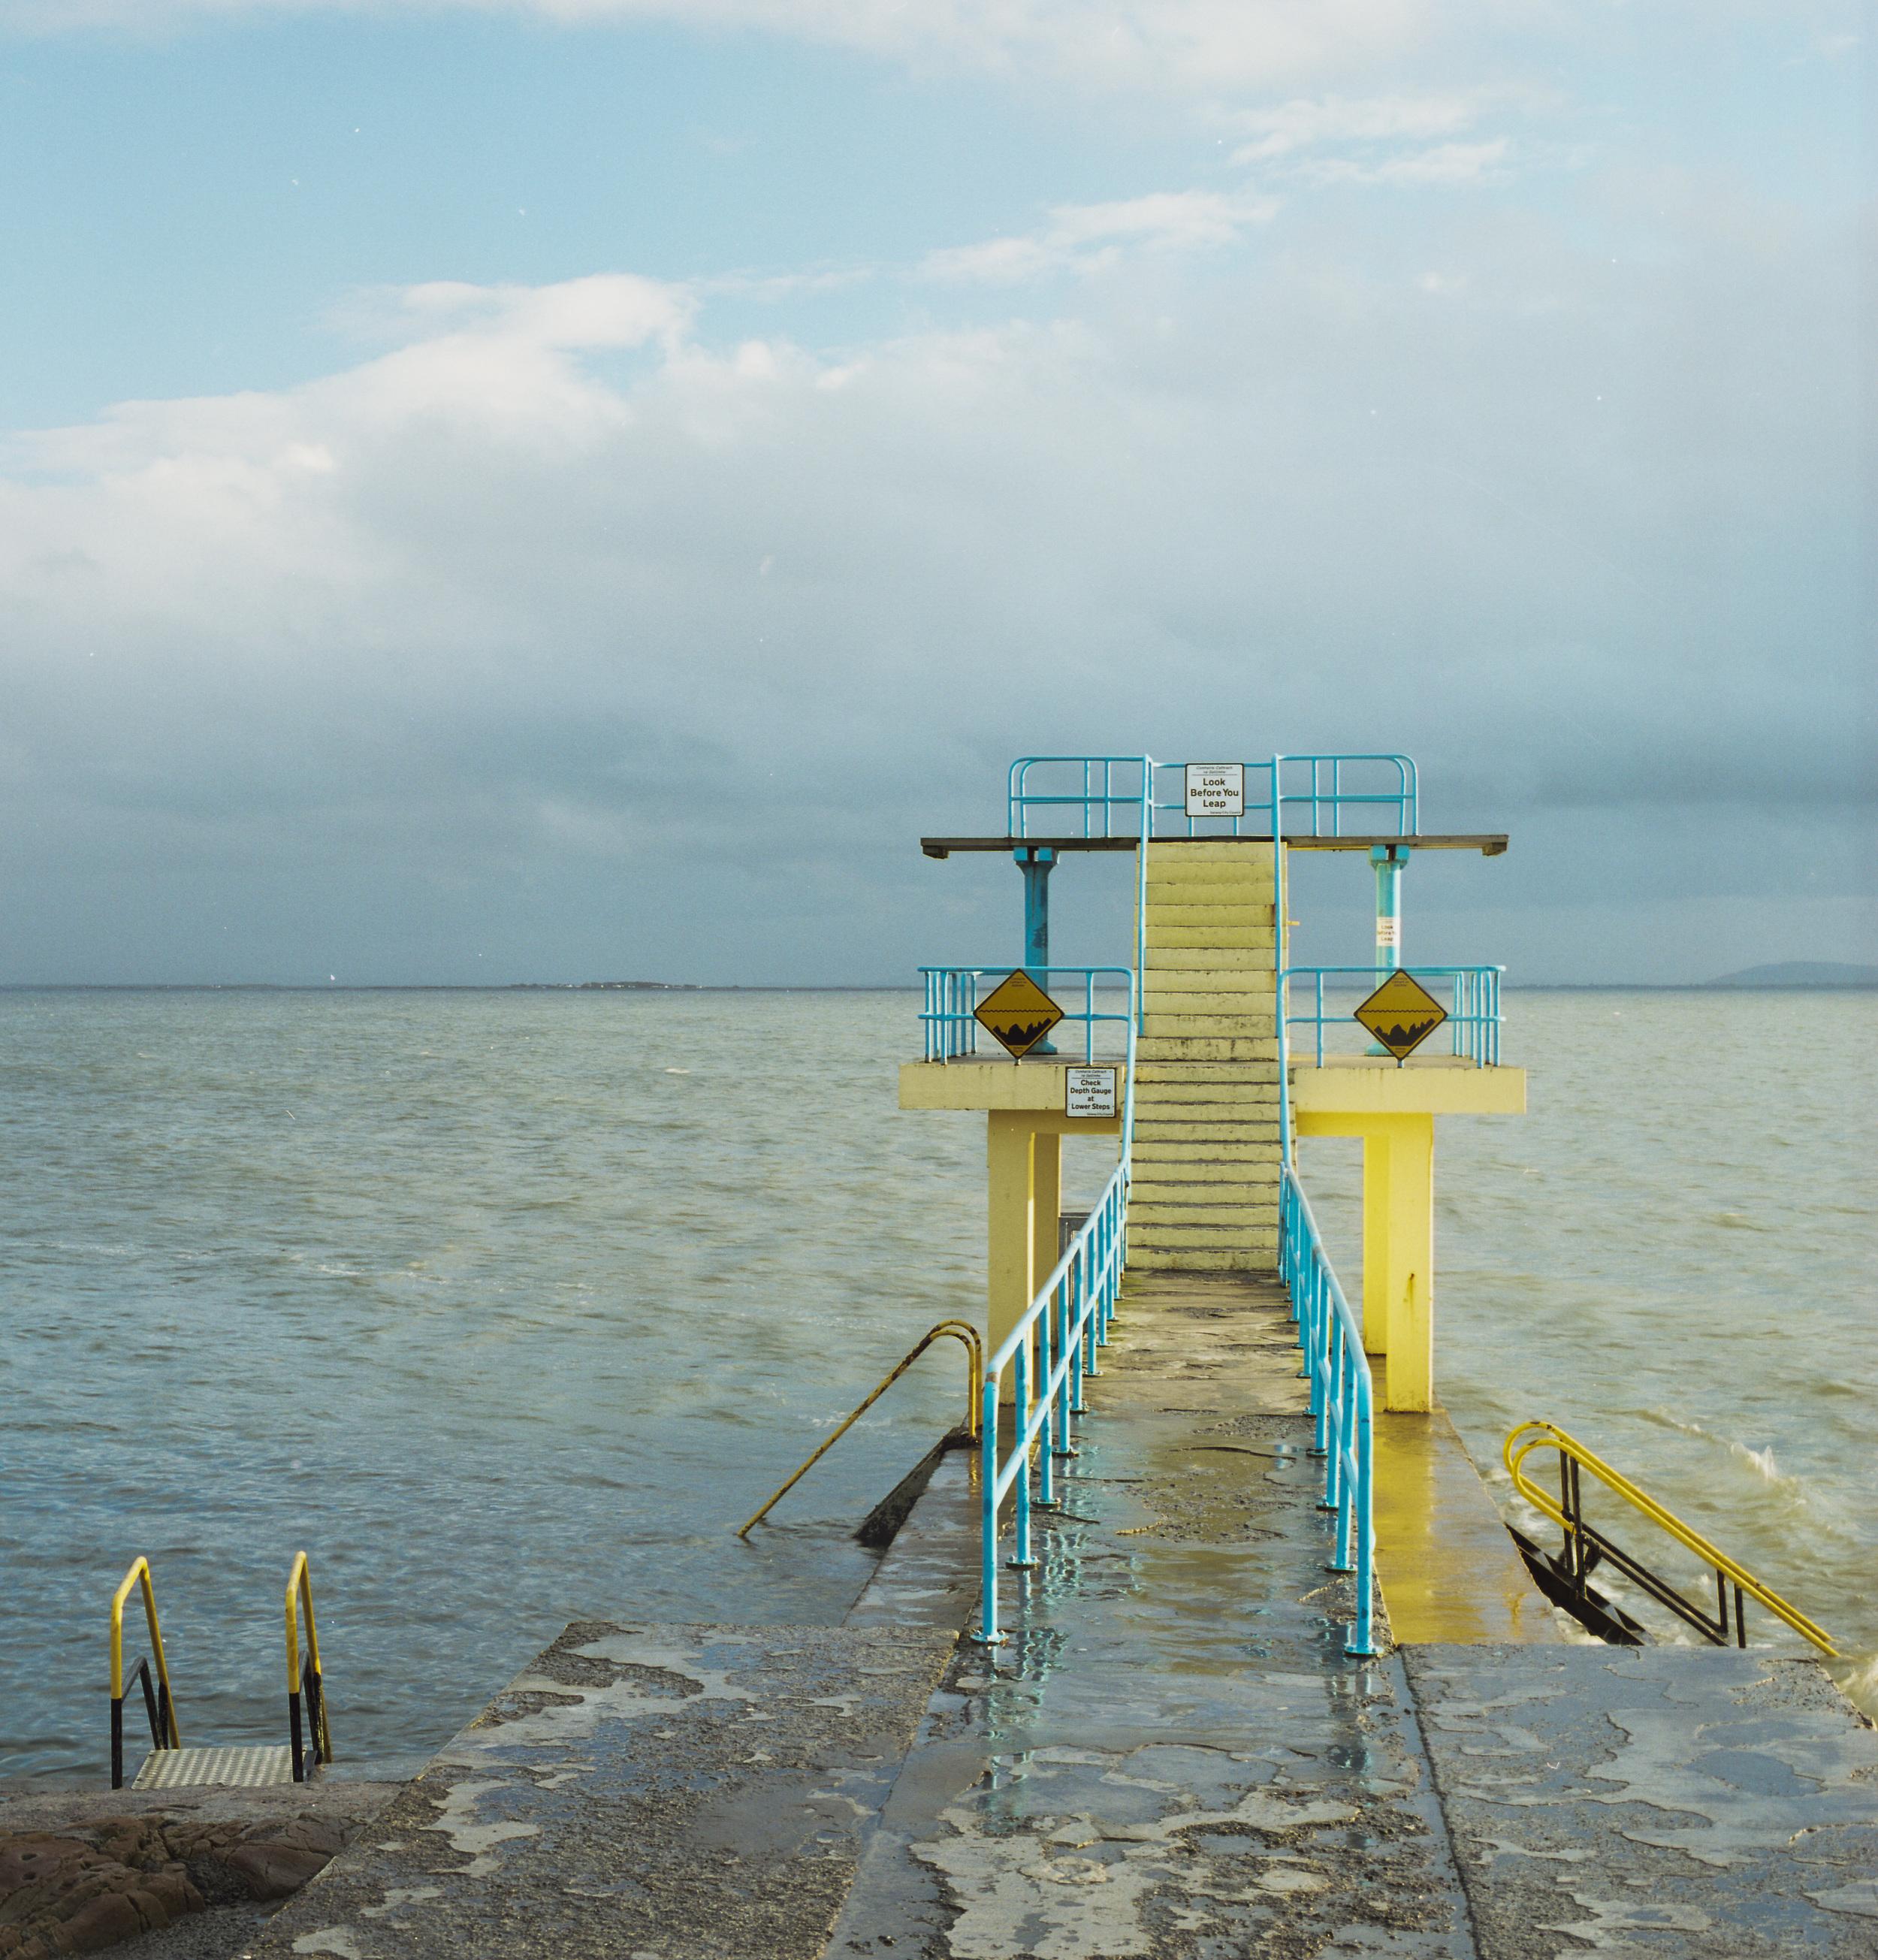 Blackrock Diving Board, Galway.